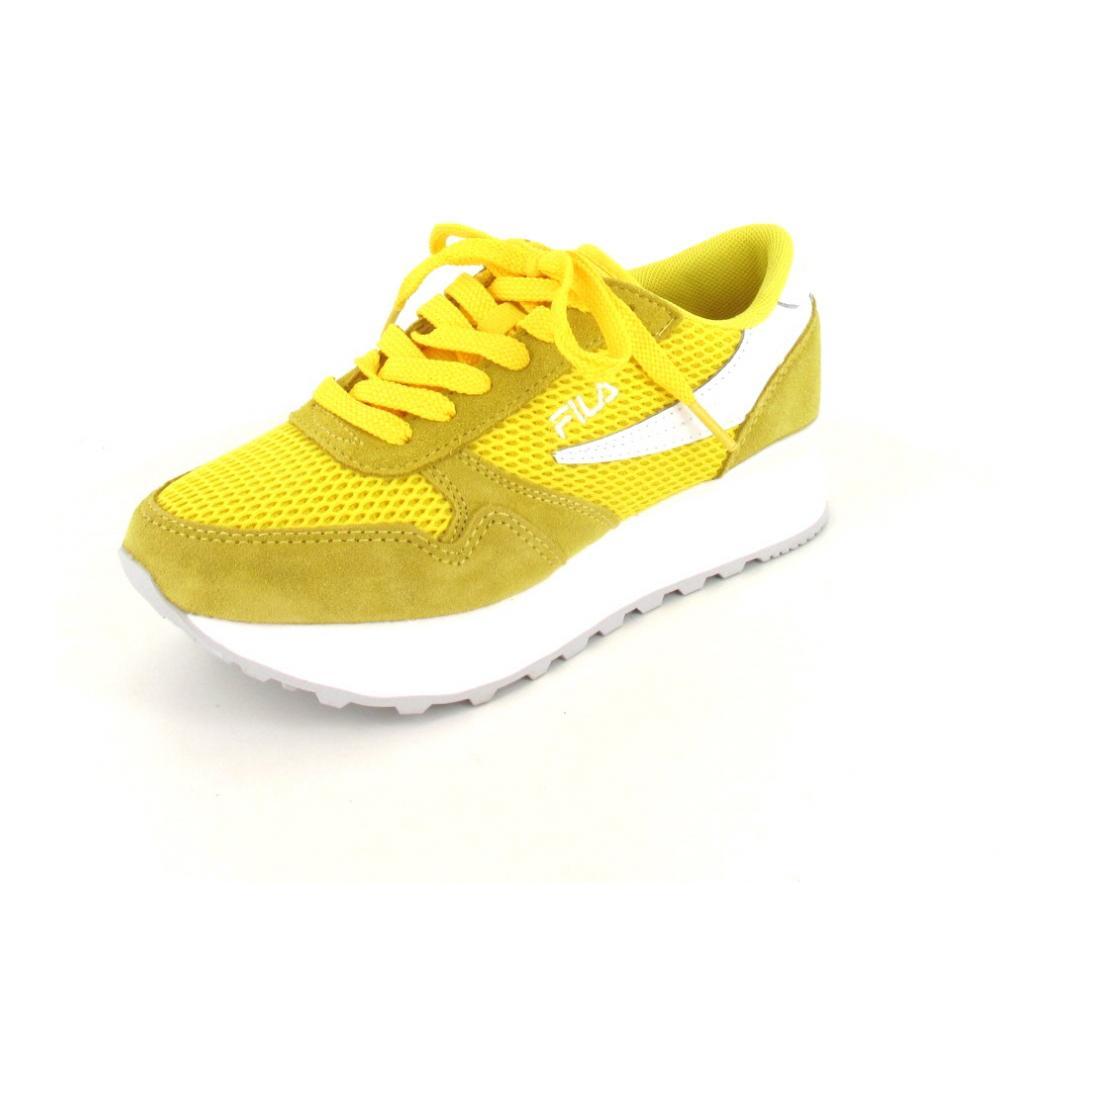 Fila Sneaker Orbit Zeppa